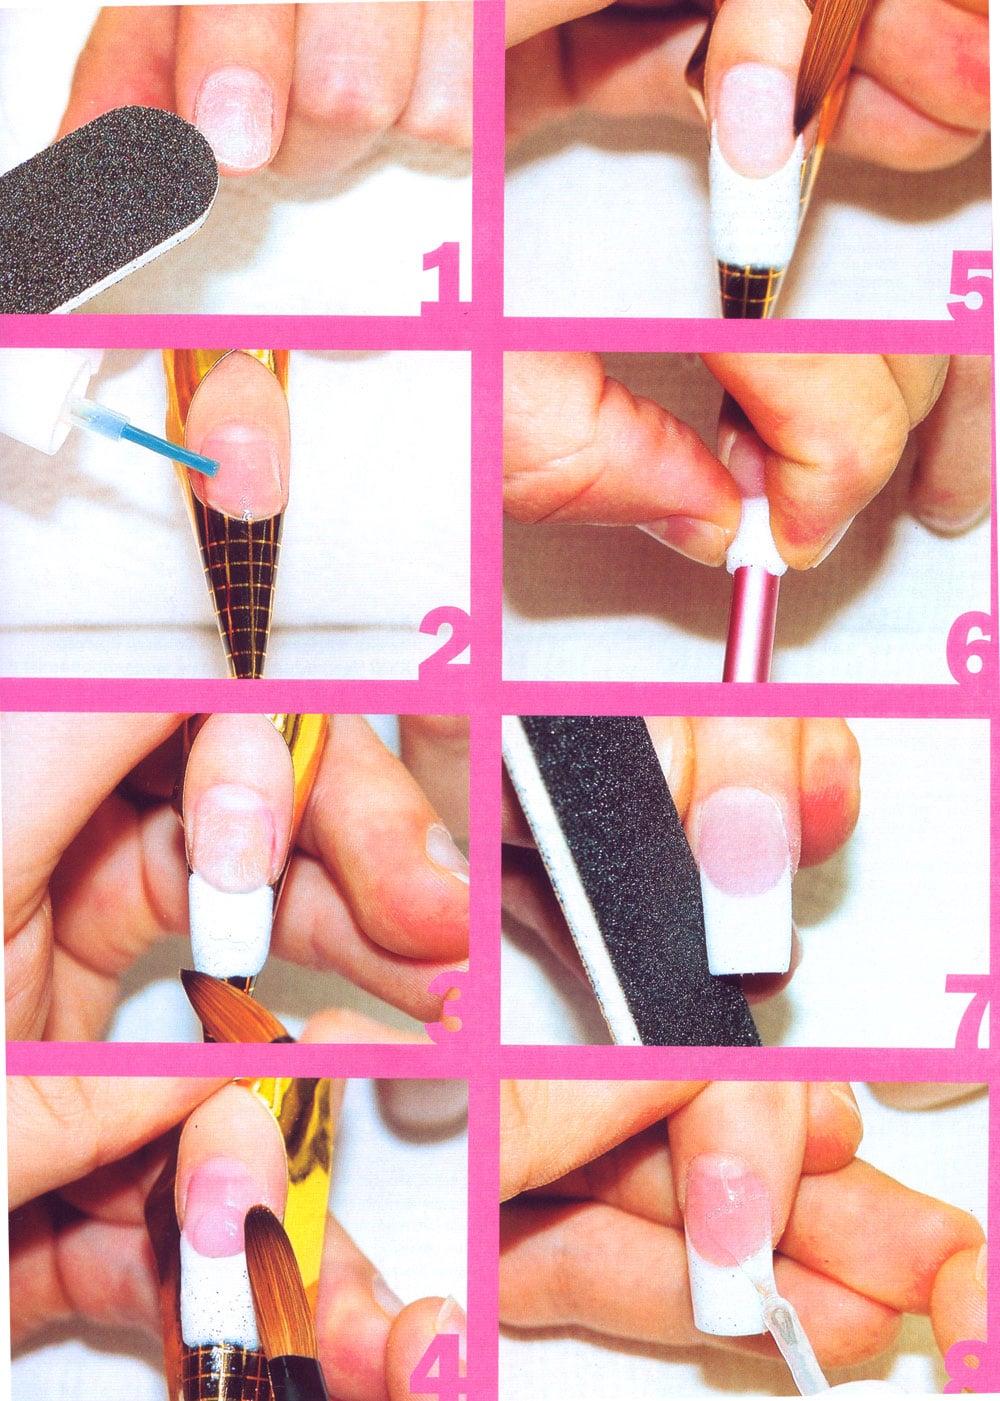 Наращивание ногтей акрилом (42 фото): технология наращивания с помощью акриловой пудры и базы, отзывы